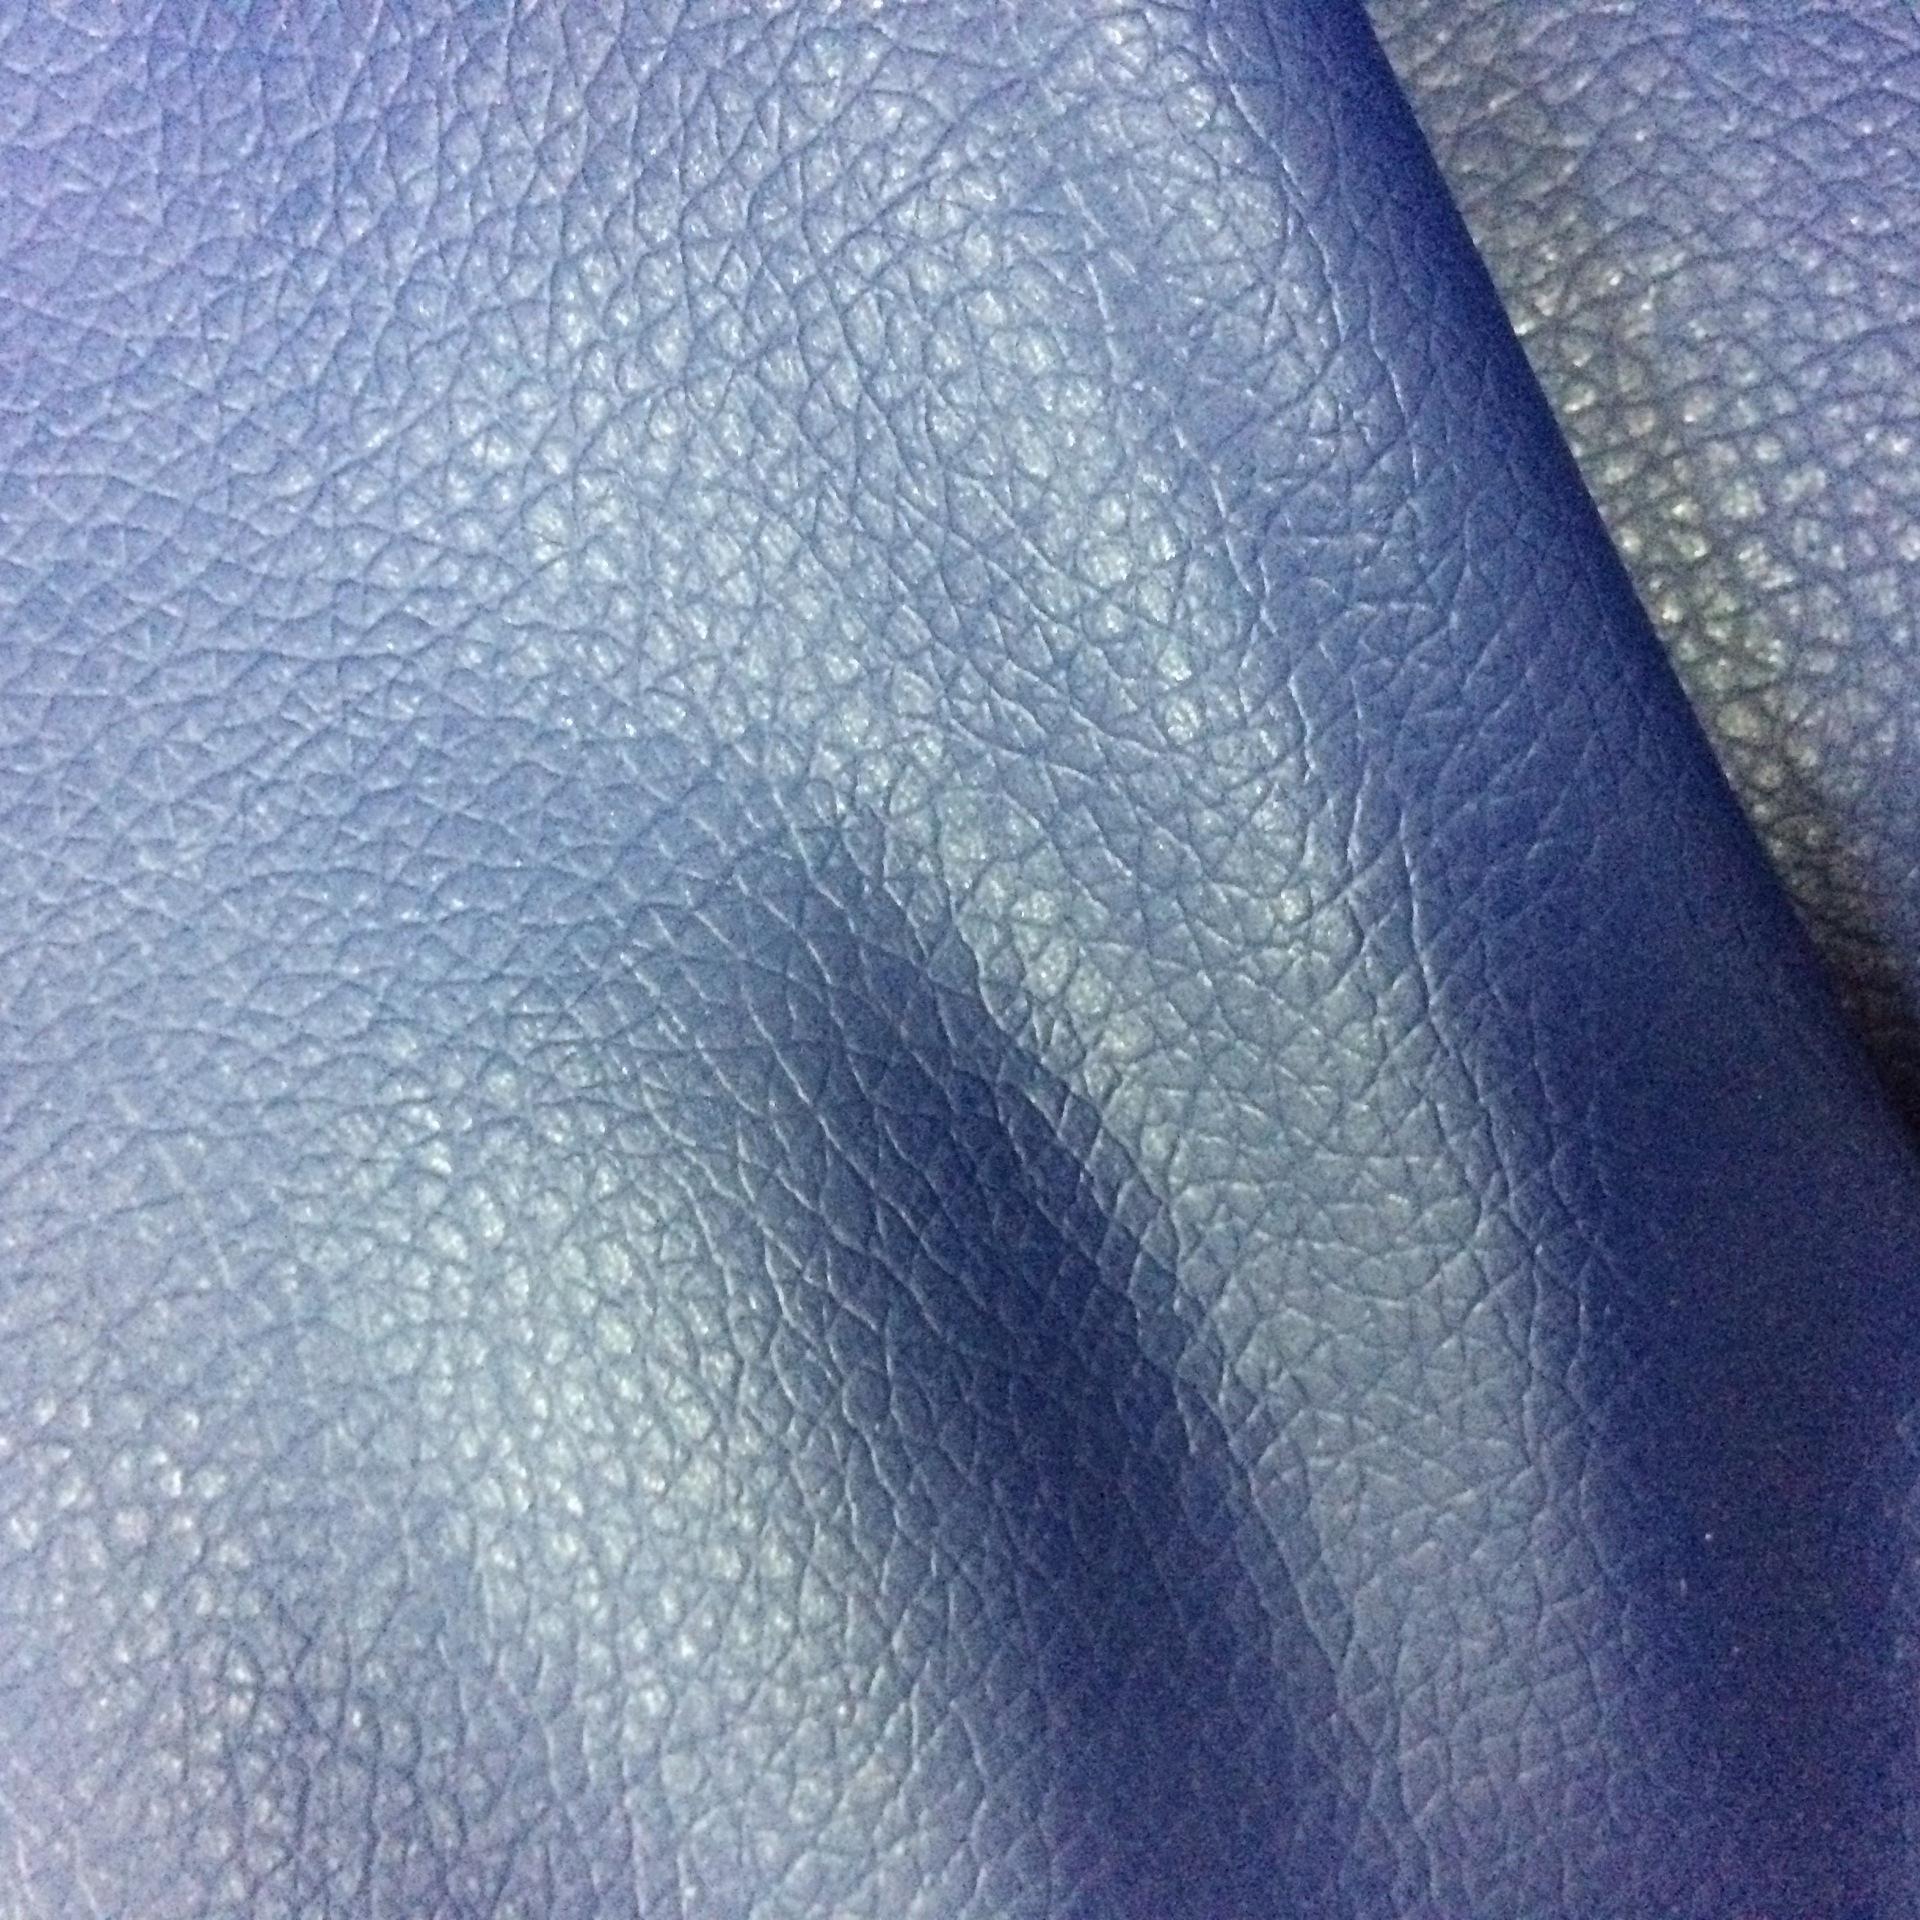 YUGAO Simili tổng hợp Vải thiều nhỏ da nhân tạo da tổng hợp dệt kim đáy không co dãn mỏng da Nghĩa d